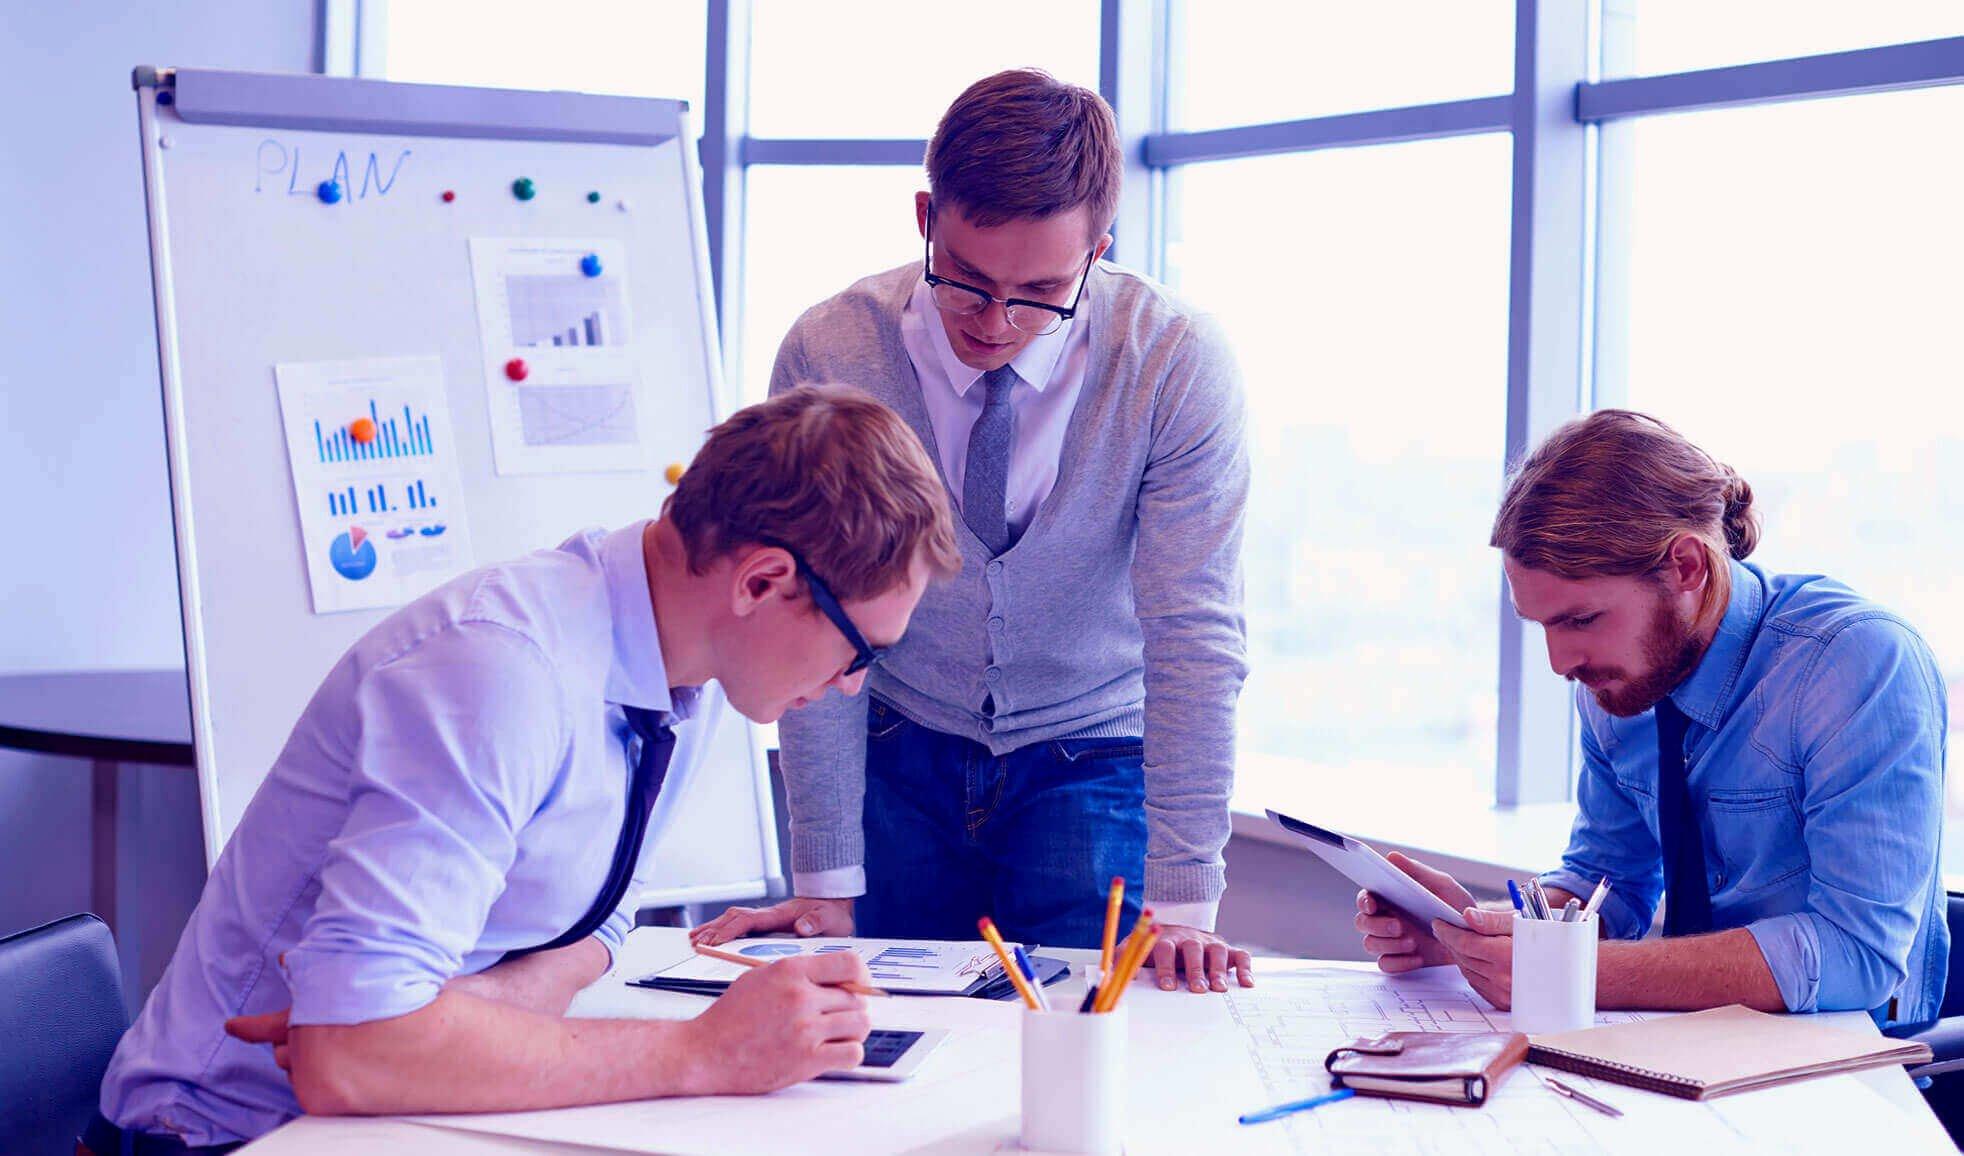 Training Needs Survey Questions Luxury Training Needs assessment Survey Questions and Template